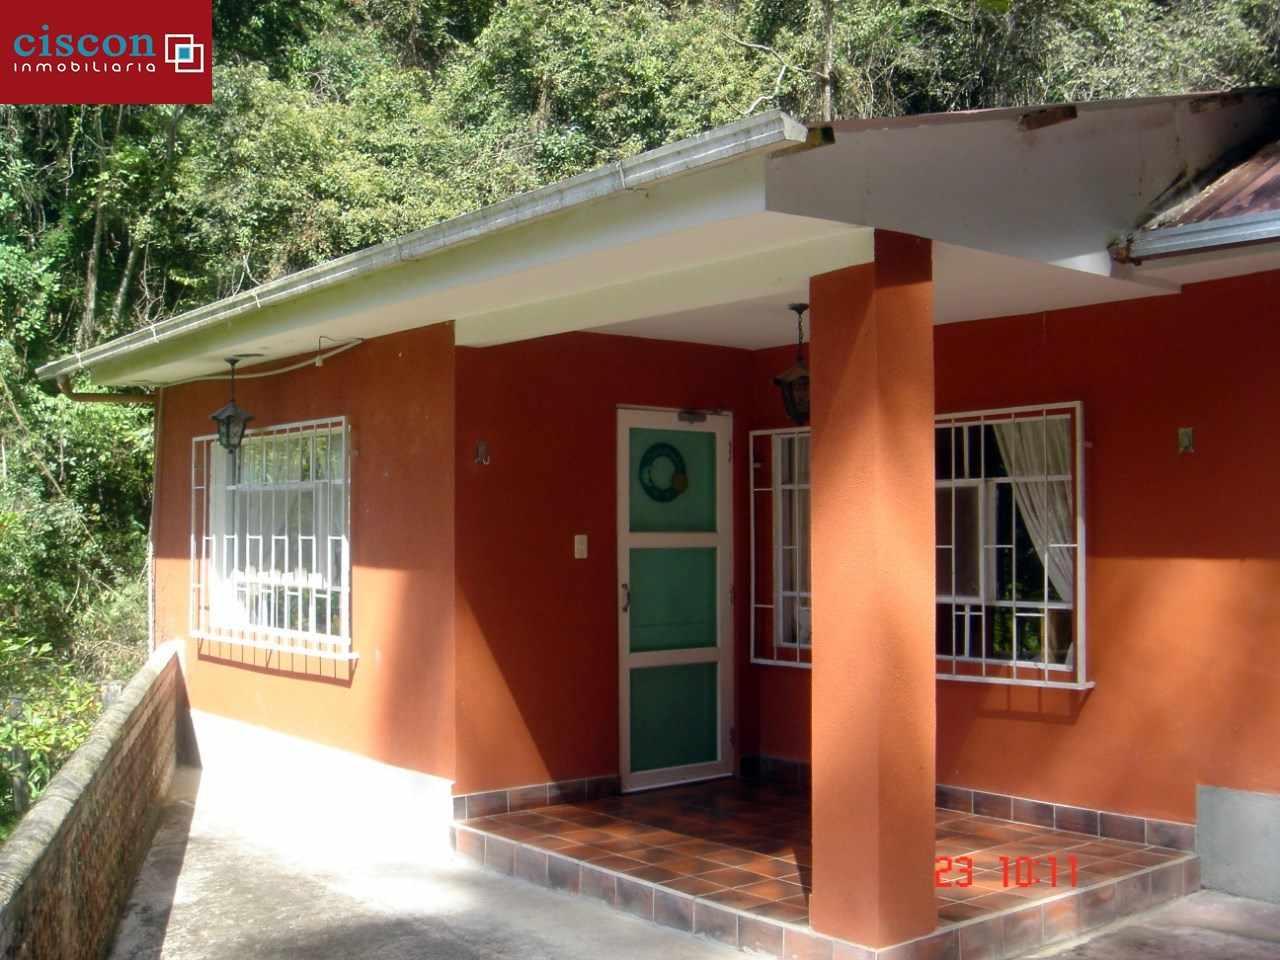 Casa en Venta Chulumani, a 15 minutos del pueblo. Foto 1